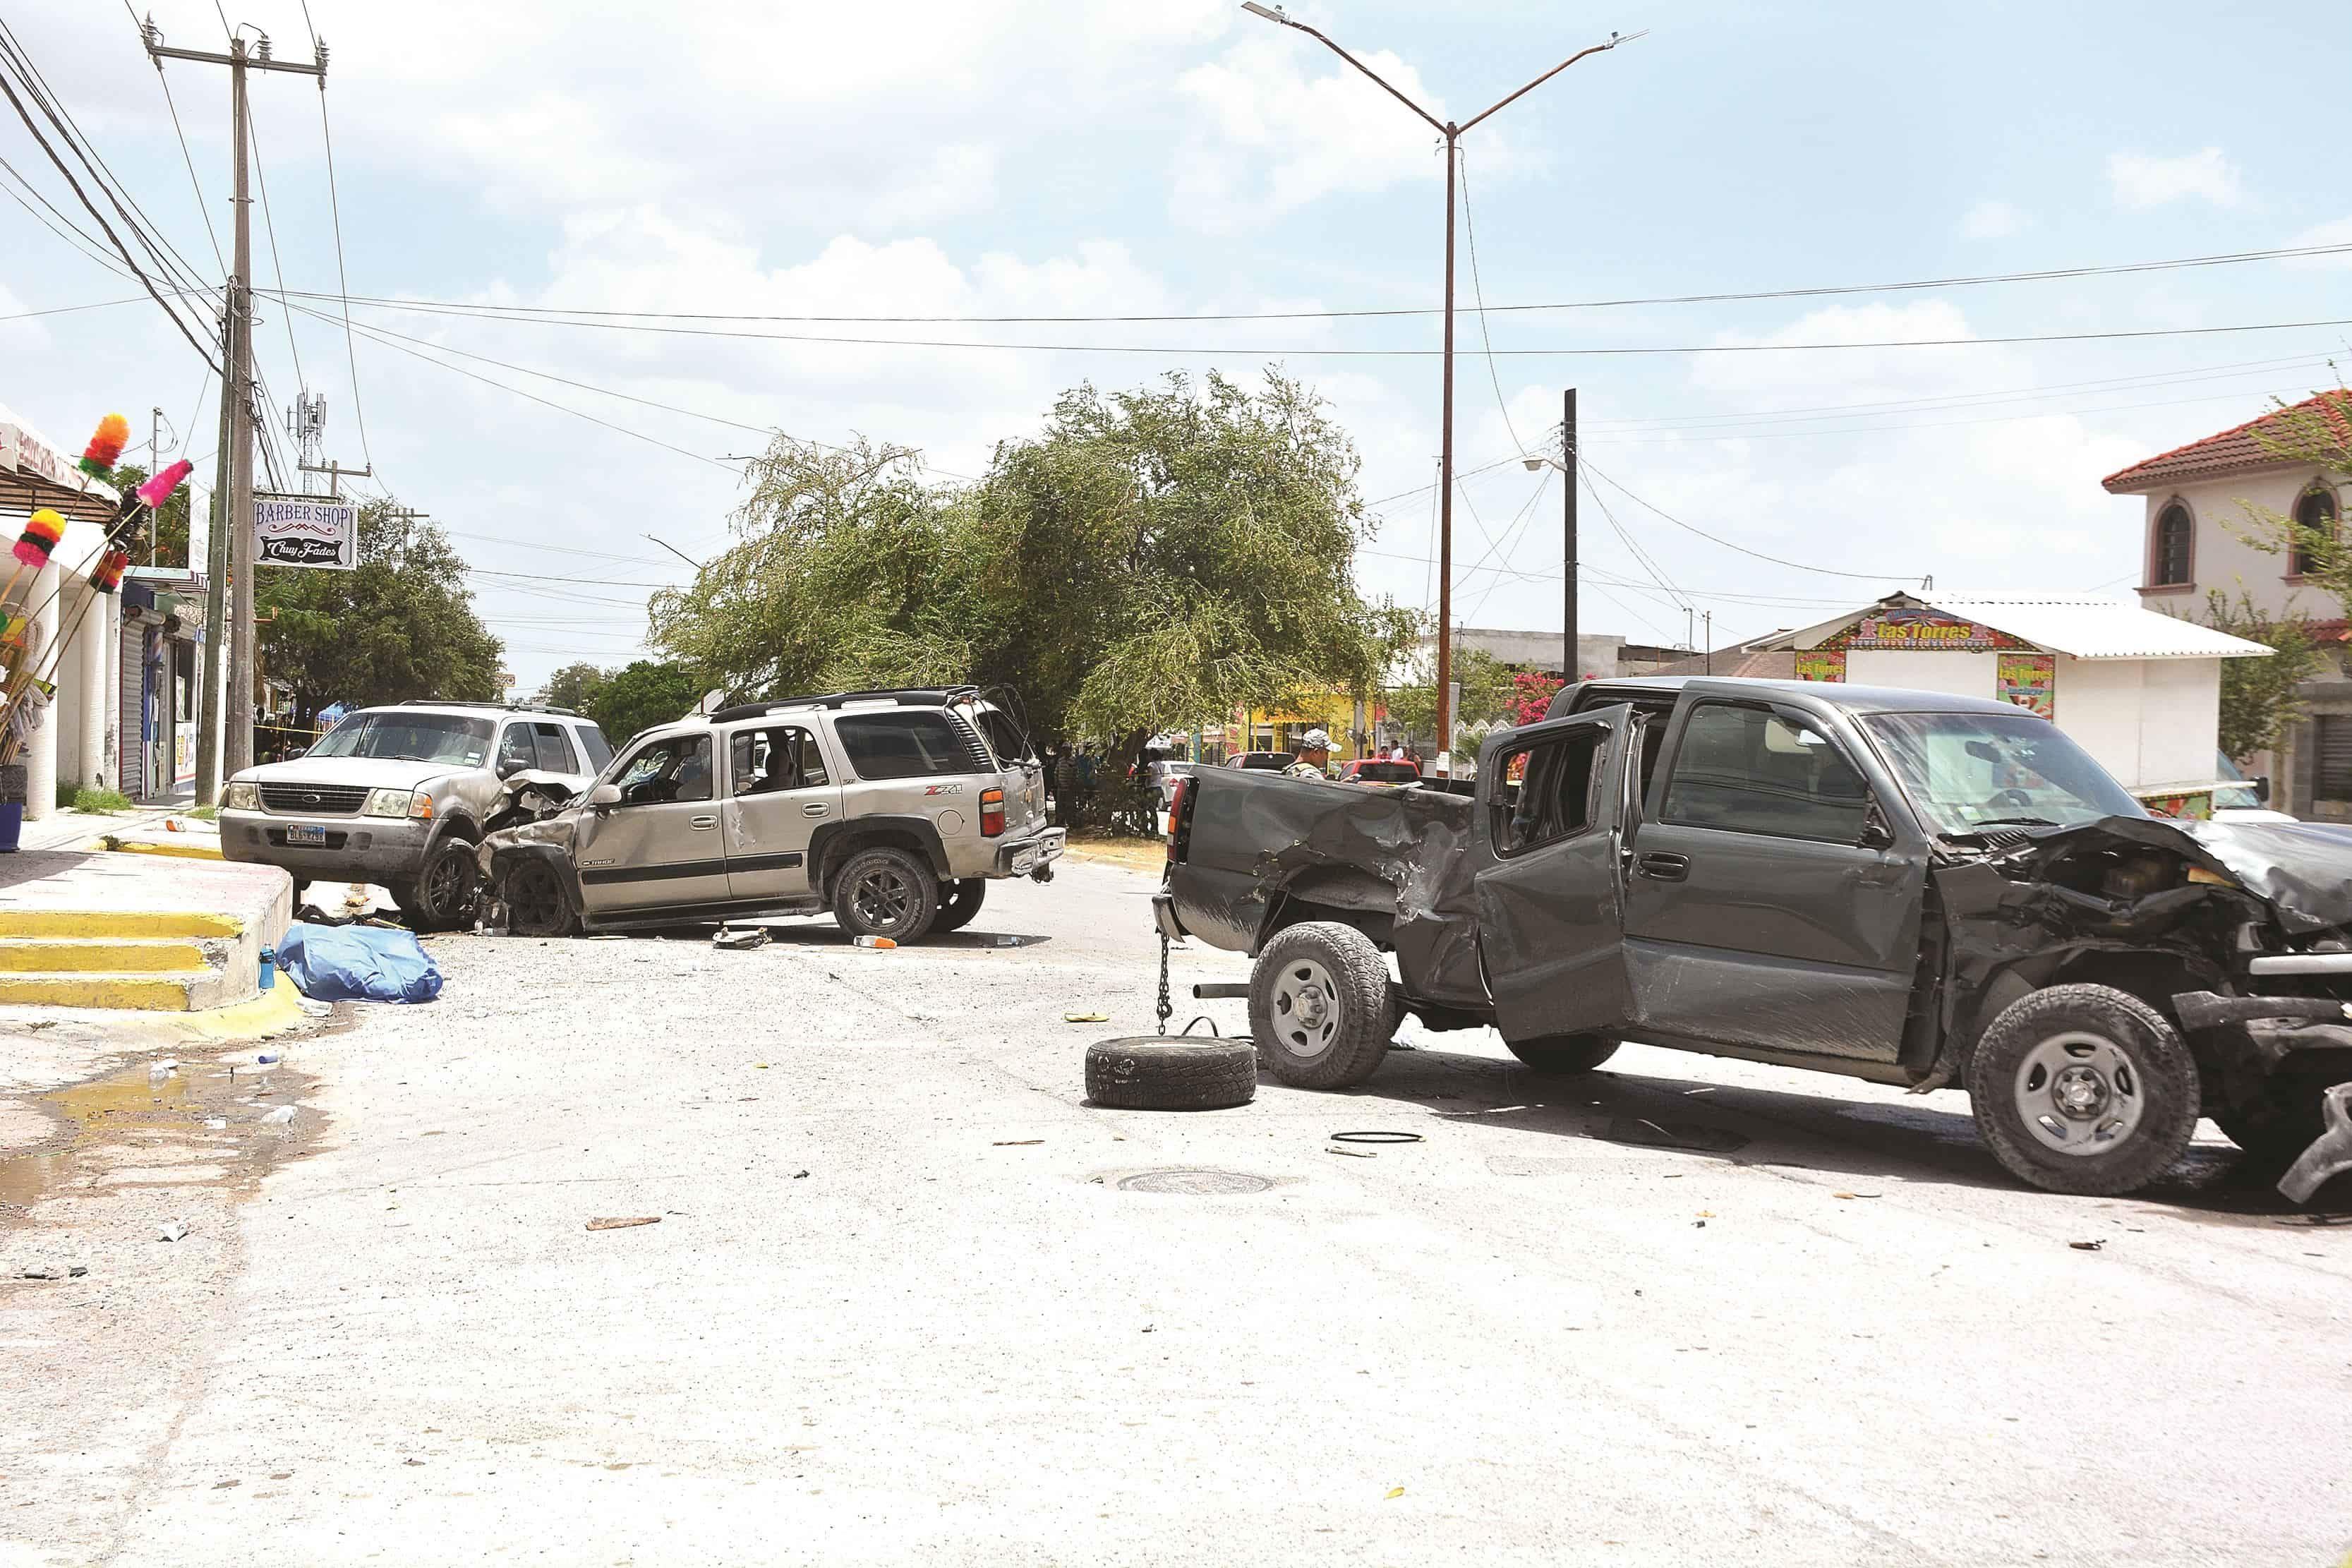 FRENO. La camioneta tripulada por civiles armados causó un choque que terminó en una tragedia.